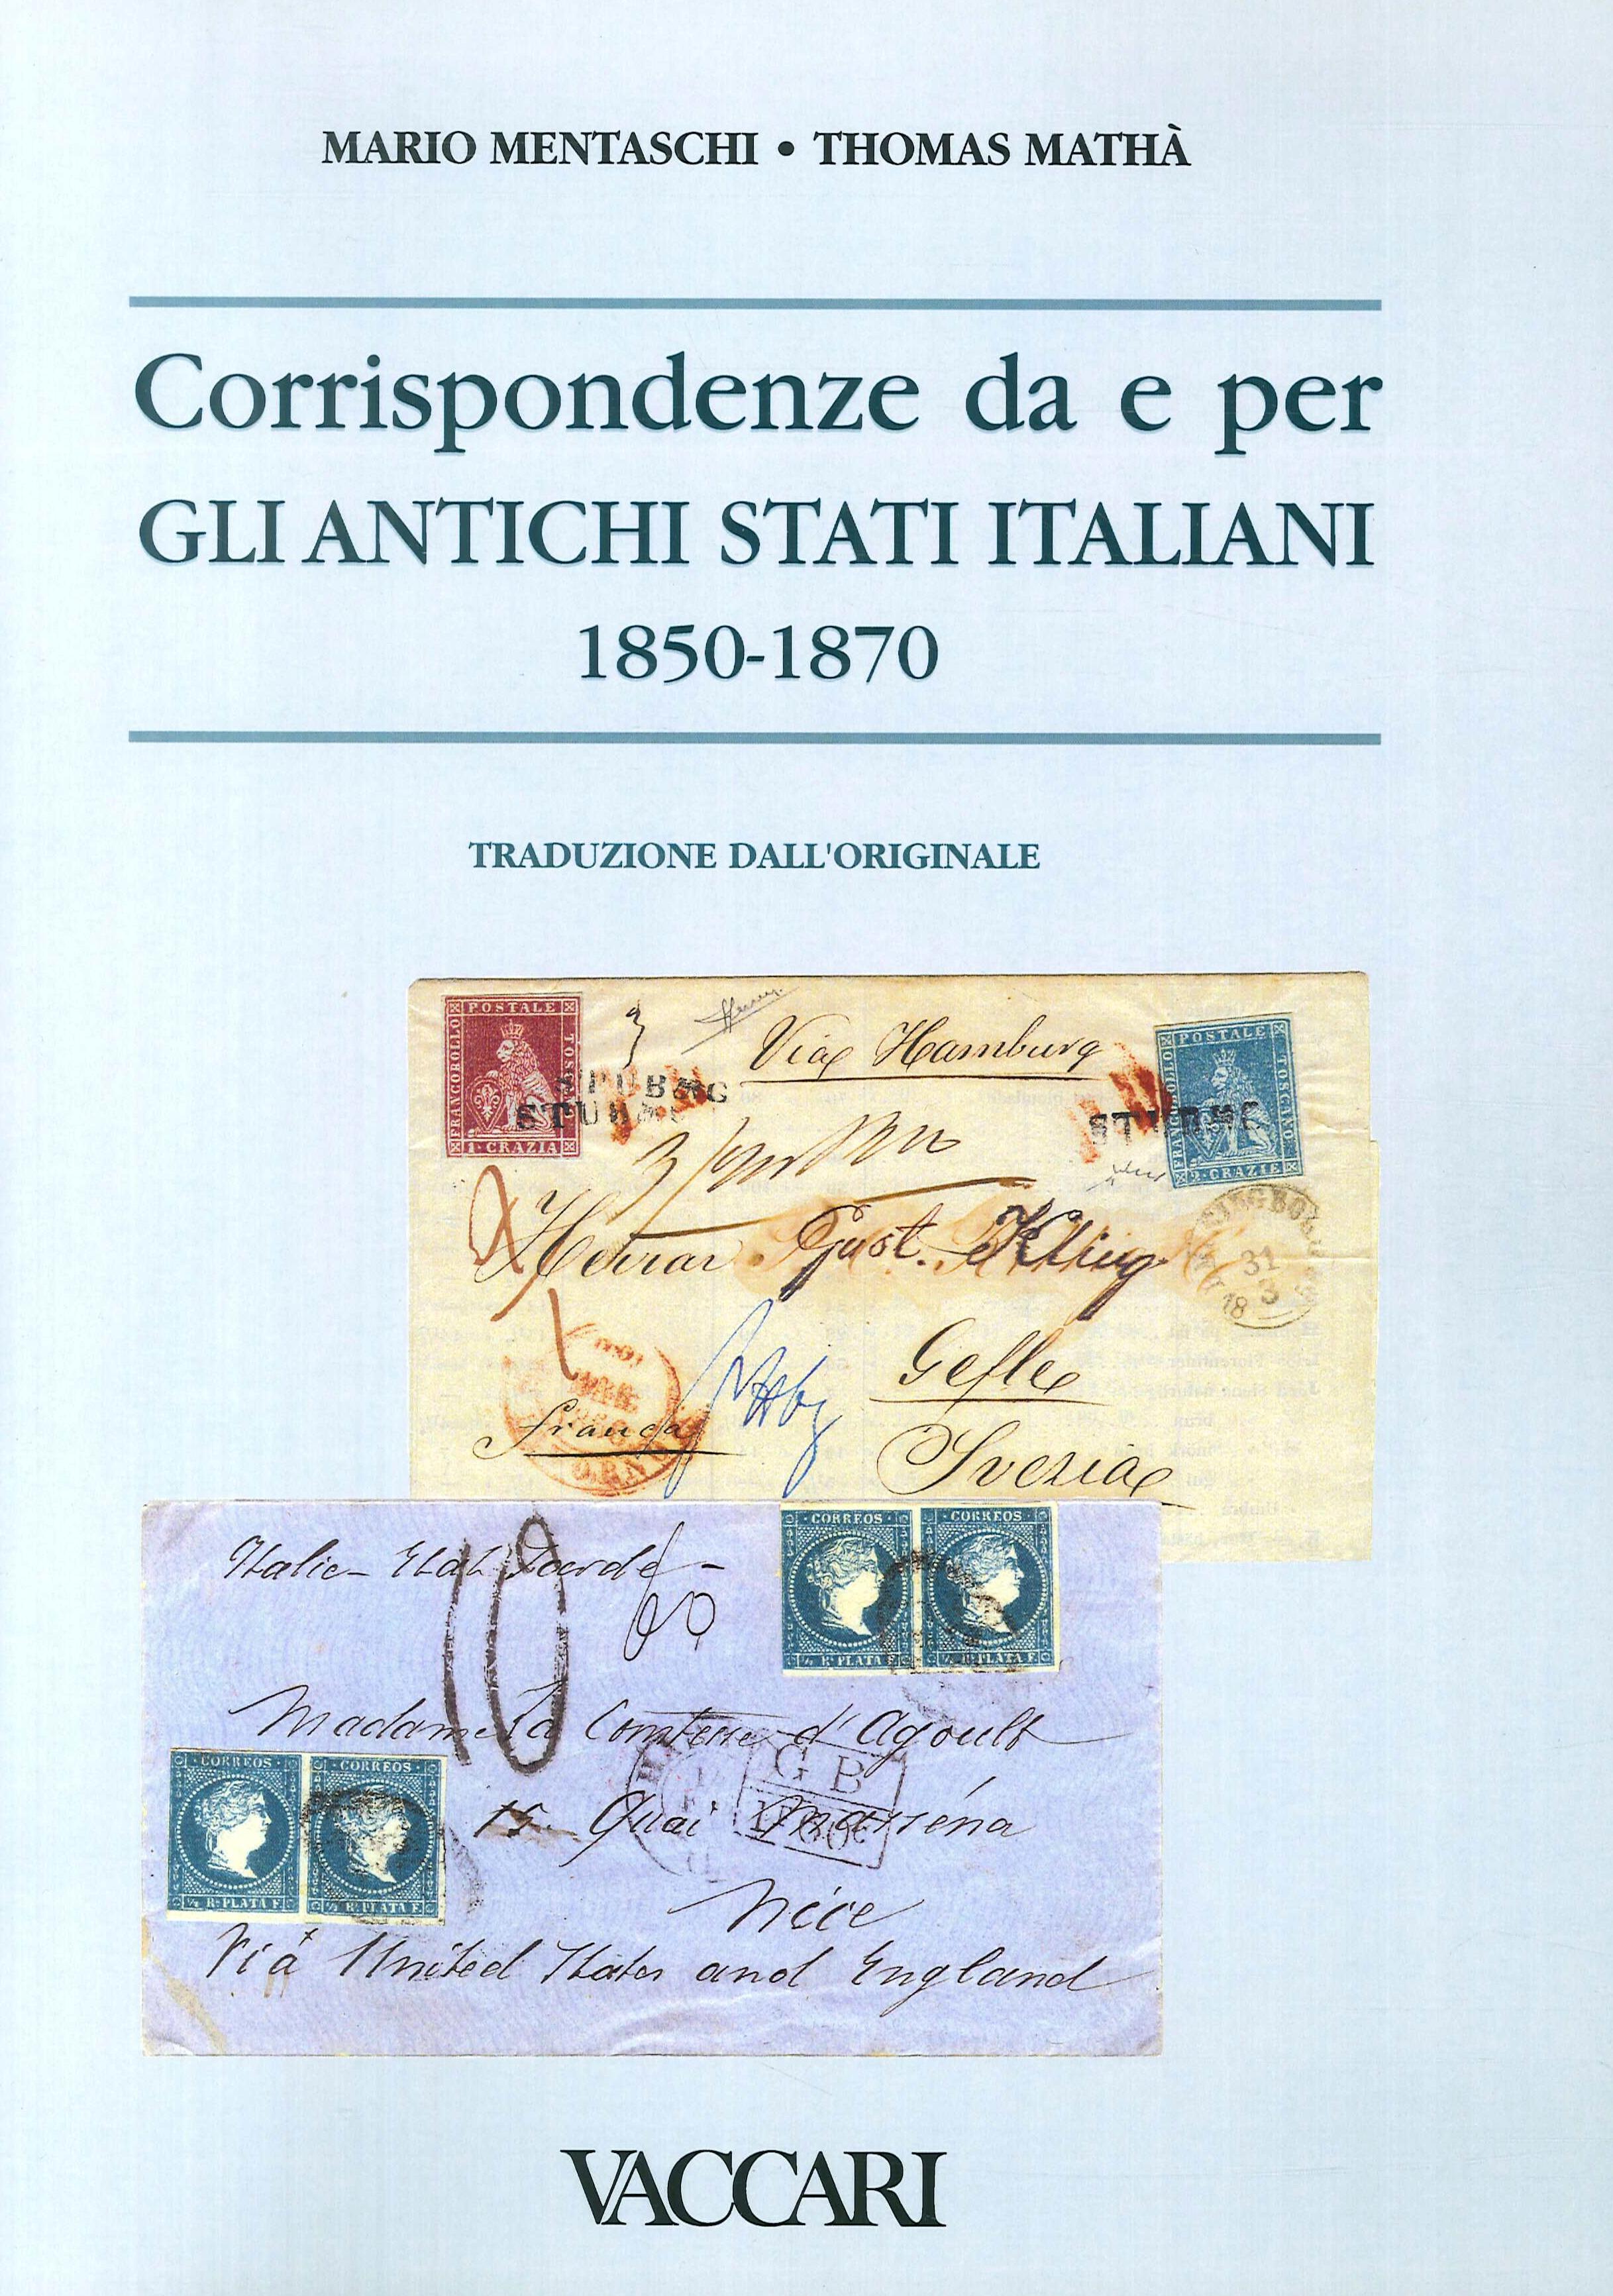 Corrispondenze da e per gli Antichi Stati Italiani (1850-1870)